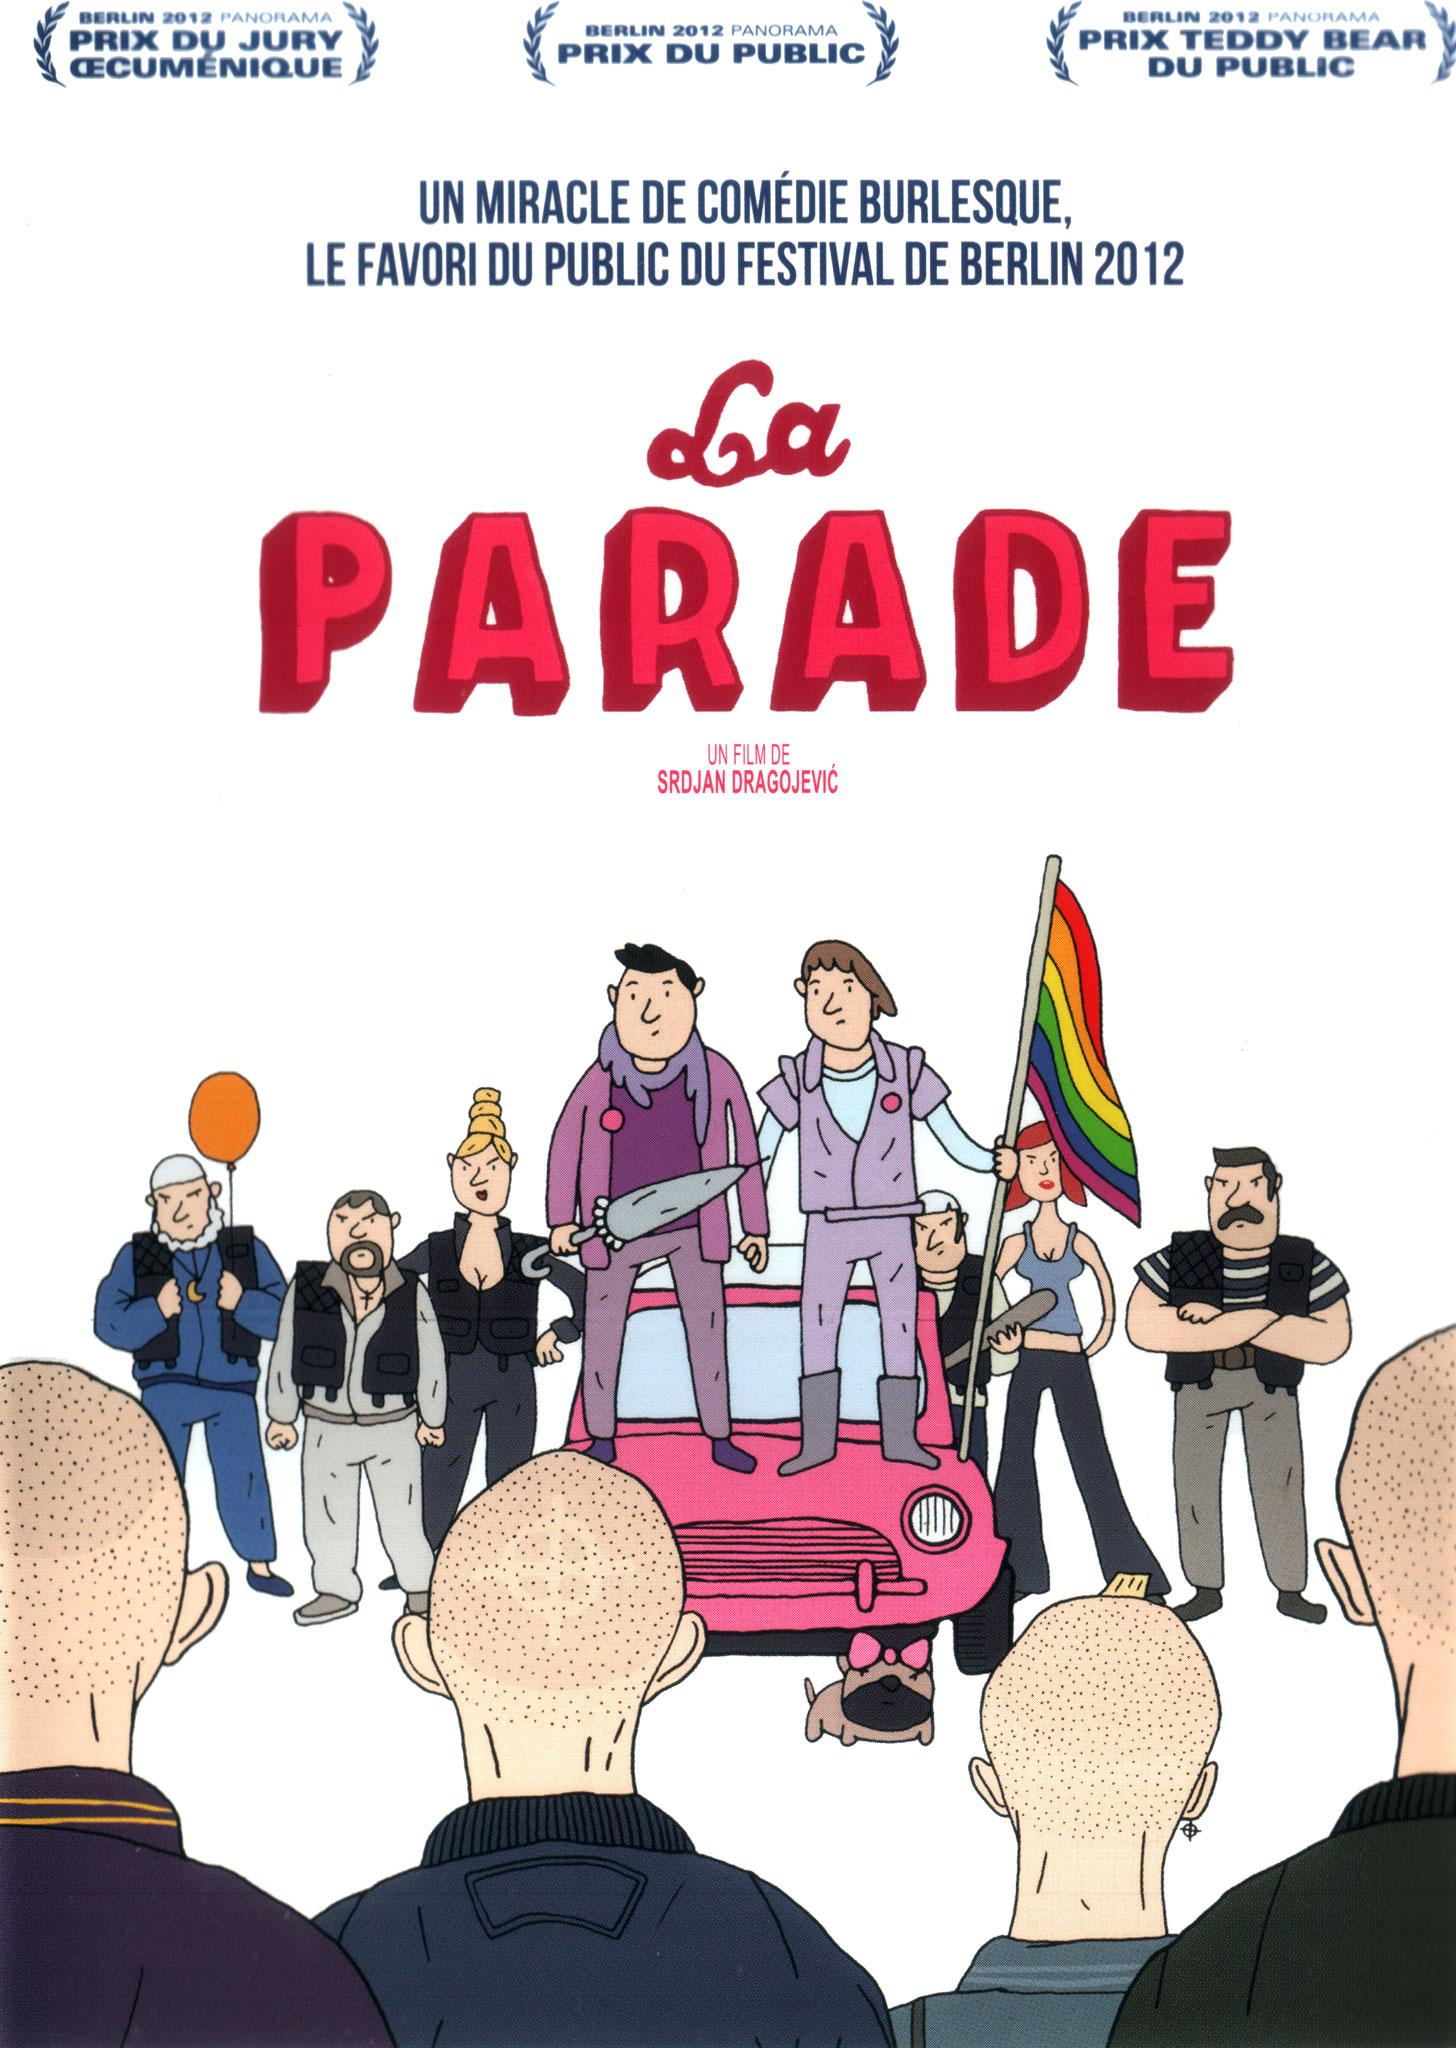 Un miracle de comédie burlesque  le favori du festival de Berlin 2012  La Parade un film de Srđan Dragojević